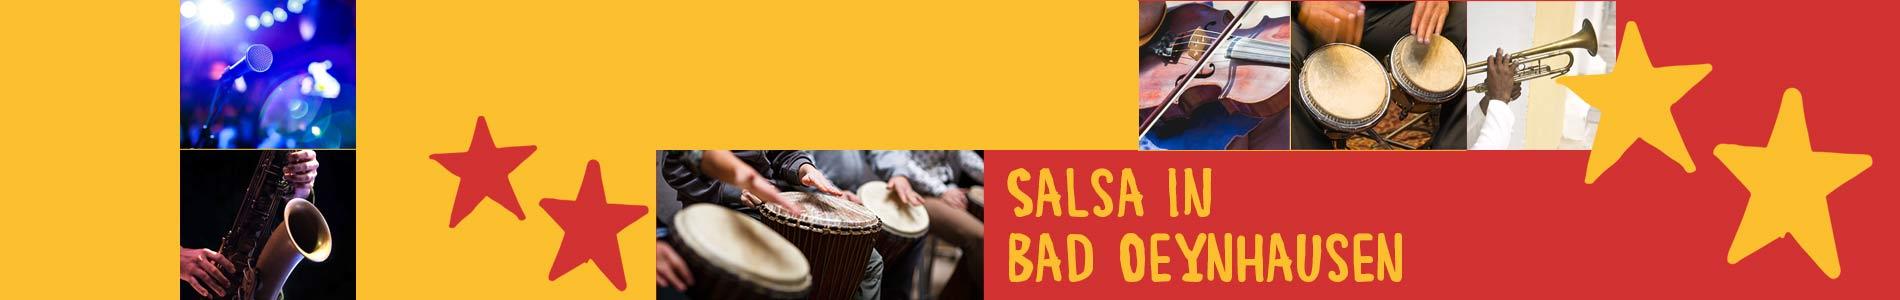 Salsa in Bad Oeynhausen – Salsa lernen und tanzen, Tanzkurse, Partys, Veranstaltungen